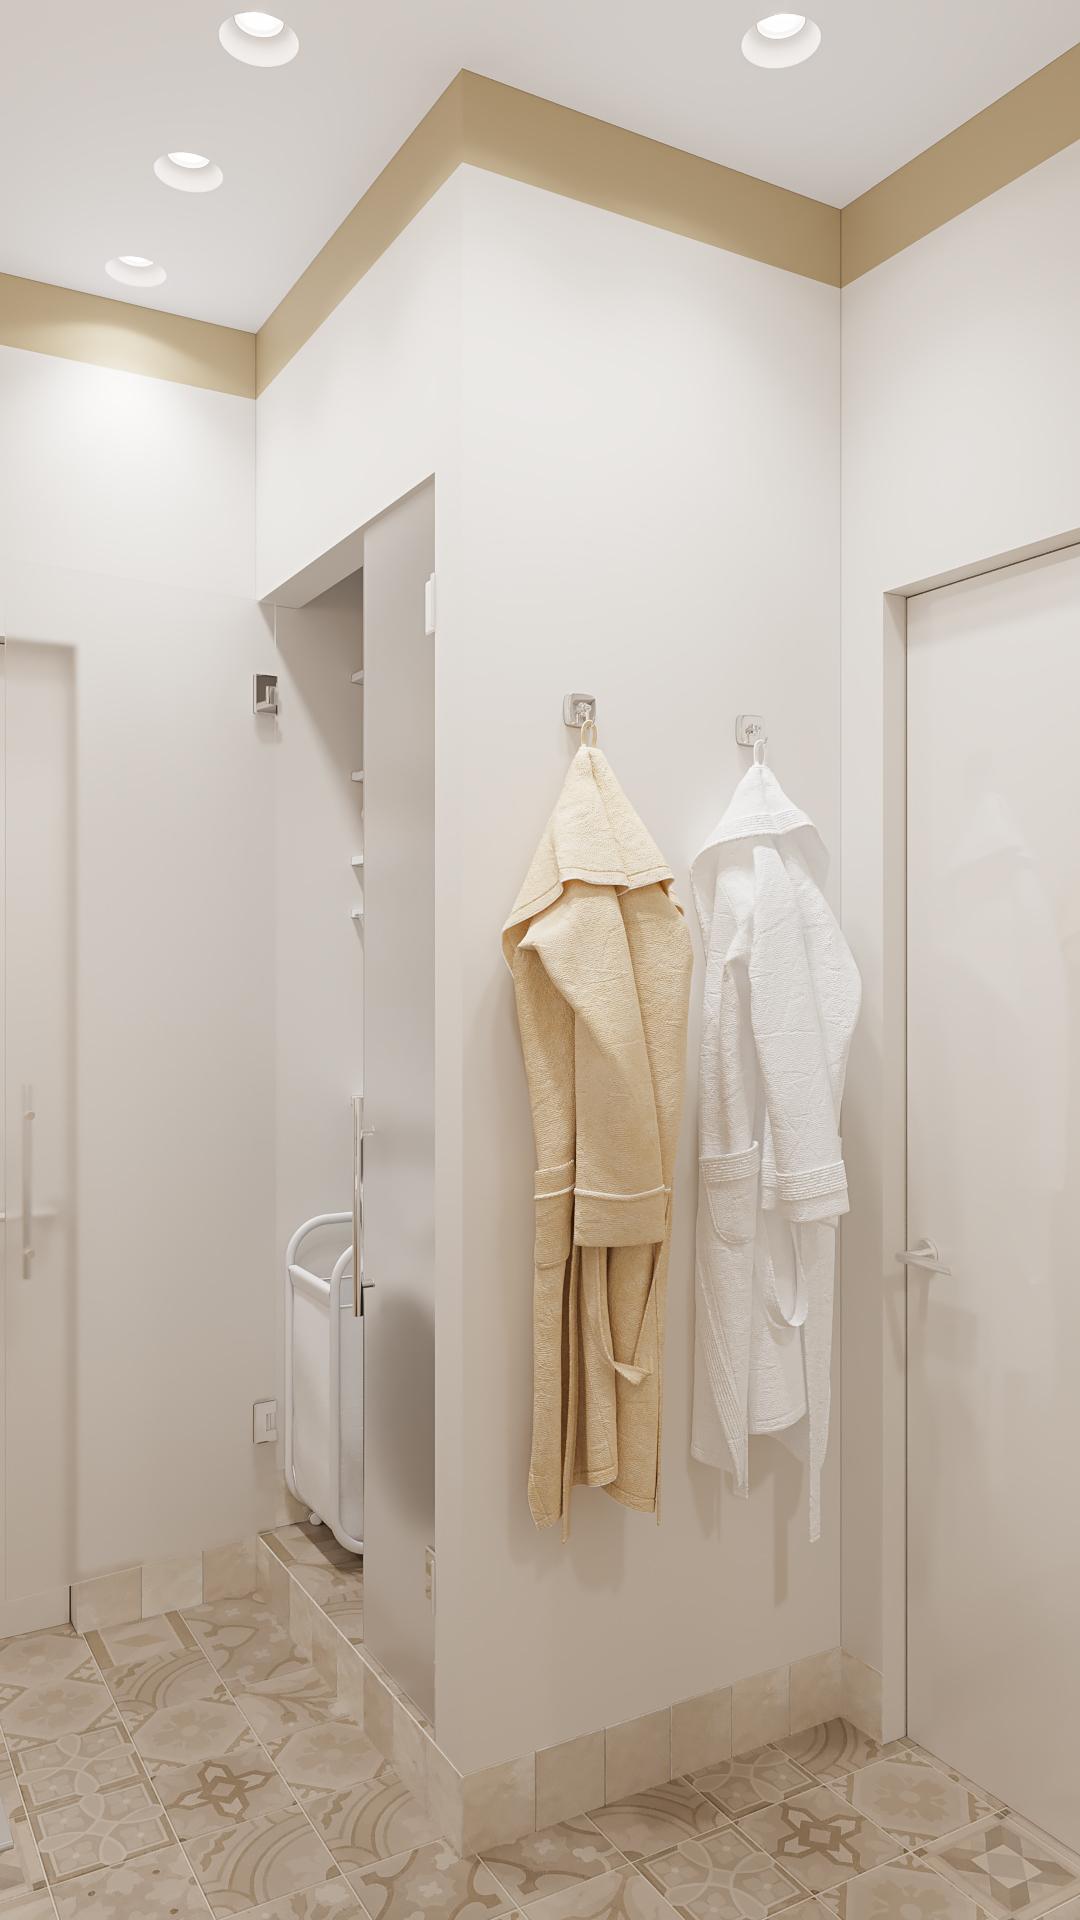 """фото:Иногда систему хранения можно выполнить в строительном исполнении, например как в нашем случае - хозблок спрятан за стенами ванной комнаты. При таком исполнении, мы получаем идеально подходящий элемент """"мебели"""", в котором можно качественно вывести все коммуникации, организовать вентиляцию и спрятать много полезных для быта вещей (стиральная машина, сушка, водонагревательный бак, место хранение бытовой химии и хозяйственного инвентаря). Доступ в такого рода шкаф выполняется через распашные стеклянные двери. Лучше использовать матовое стекло сатинат"""